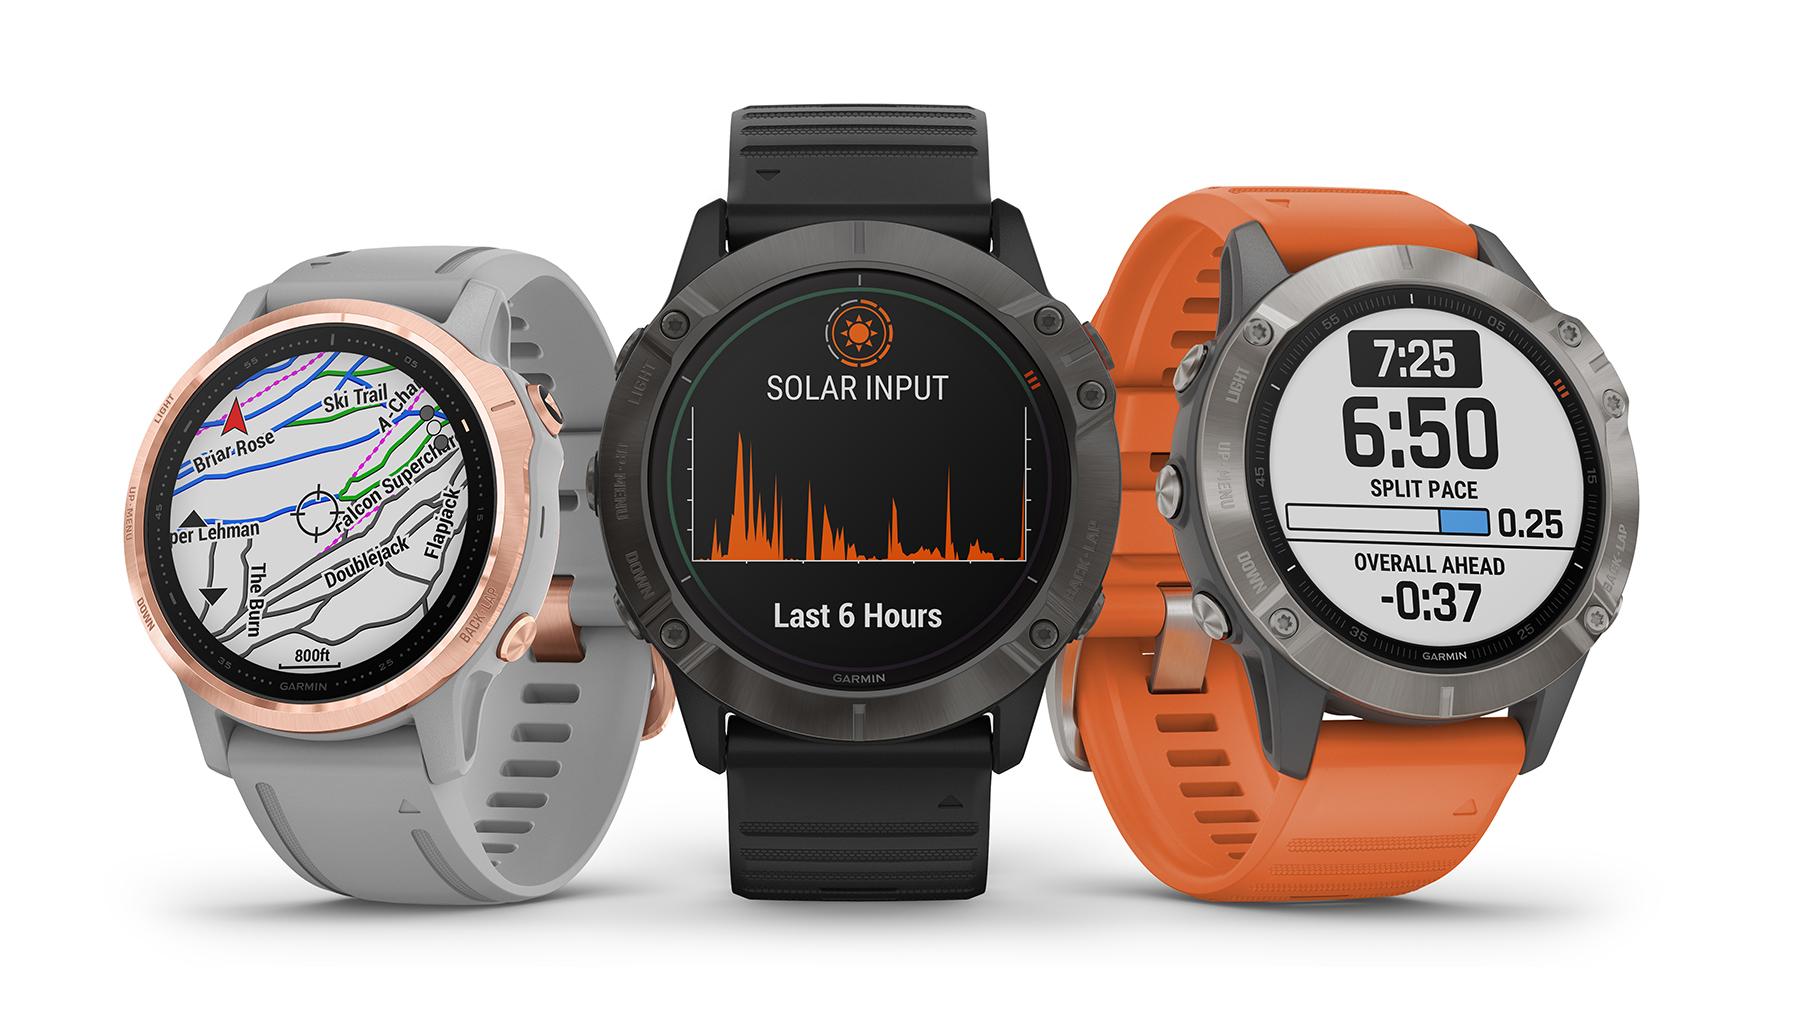 Garmin upgrades its fēnix outdoor smartwatches